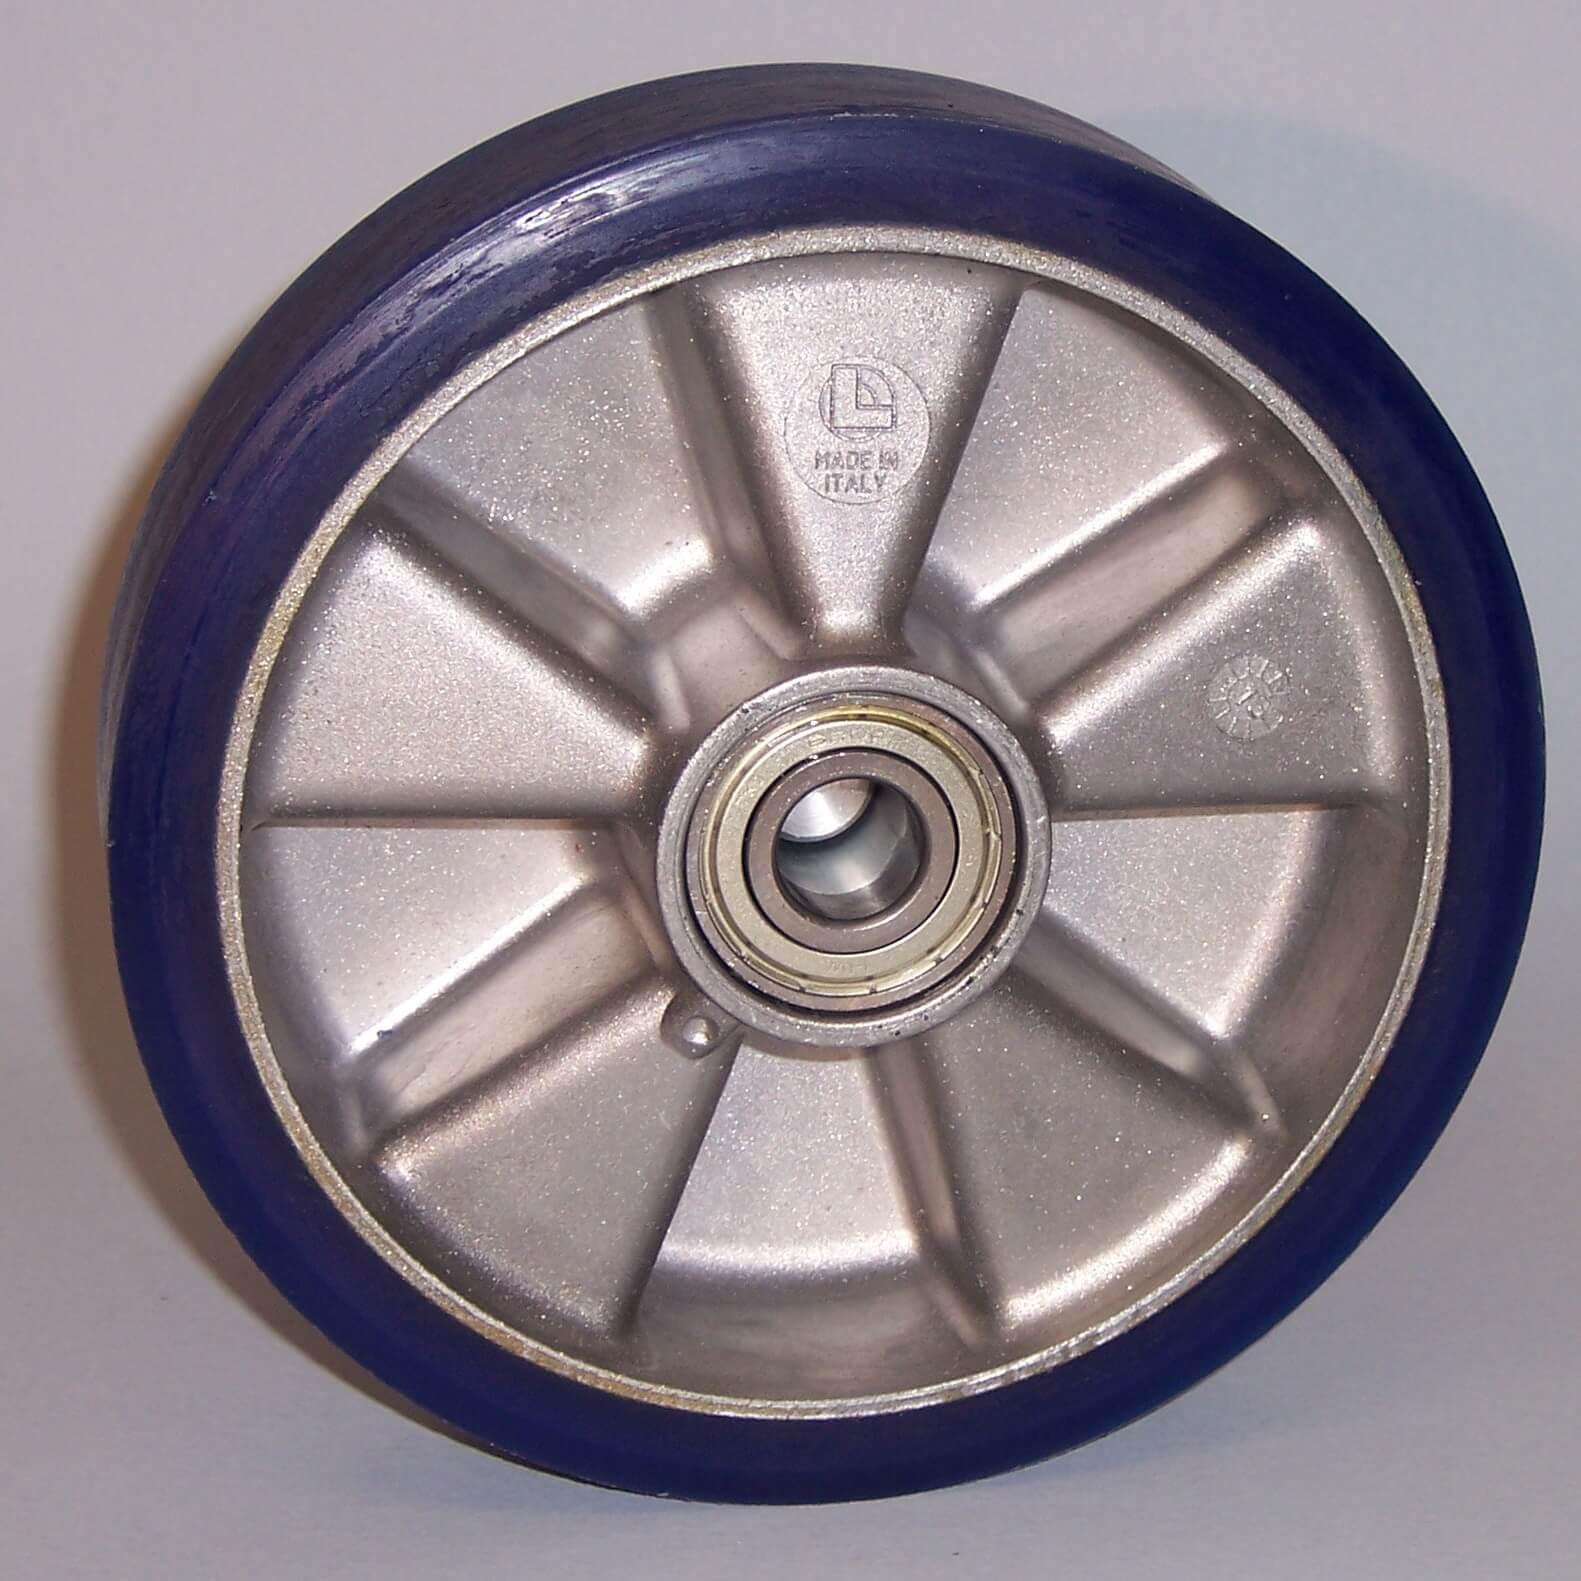 Ruote serie TS Ruote con battistrada in poliuretano colato soffice 87 Sh.A e mozzo in alluminio pressofuso; disponibile con cuscinetti a sfere o a rullini. Ruota con cuscinetti a sfere.